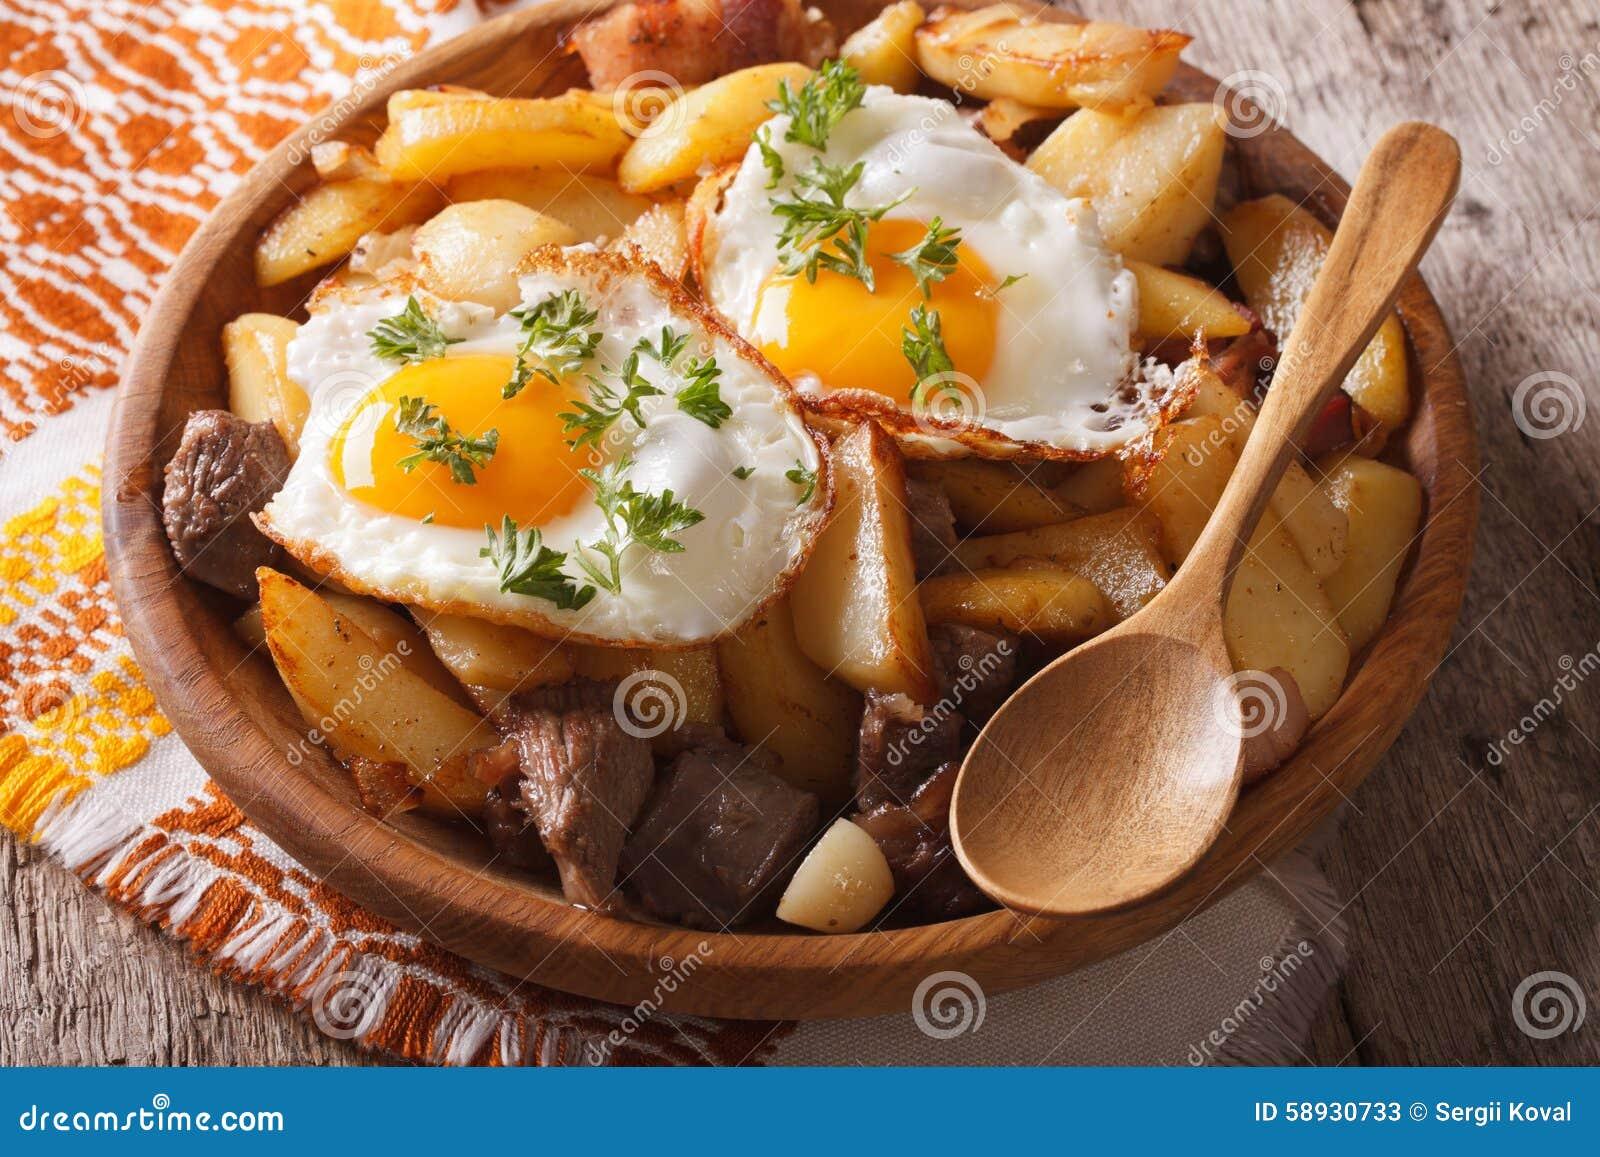 cucina tirolese: patate fritte con carne ed il primo piano delle ... - Cucine Tirolesi